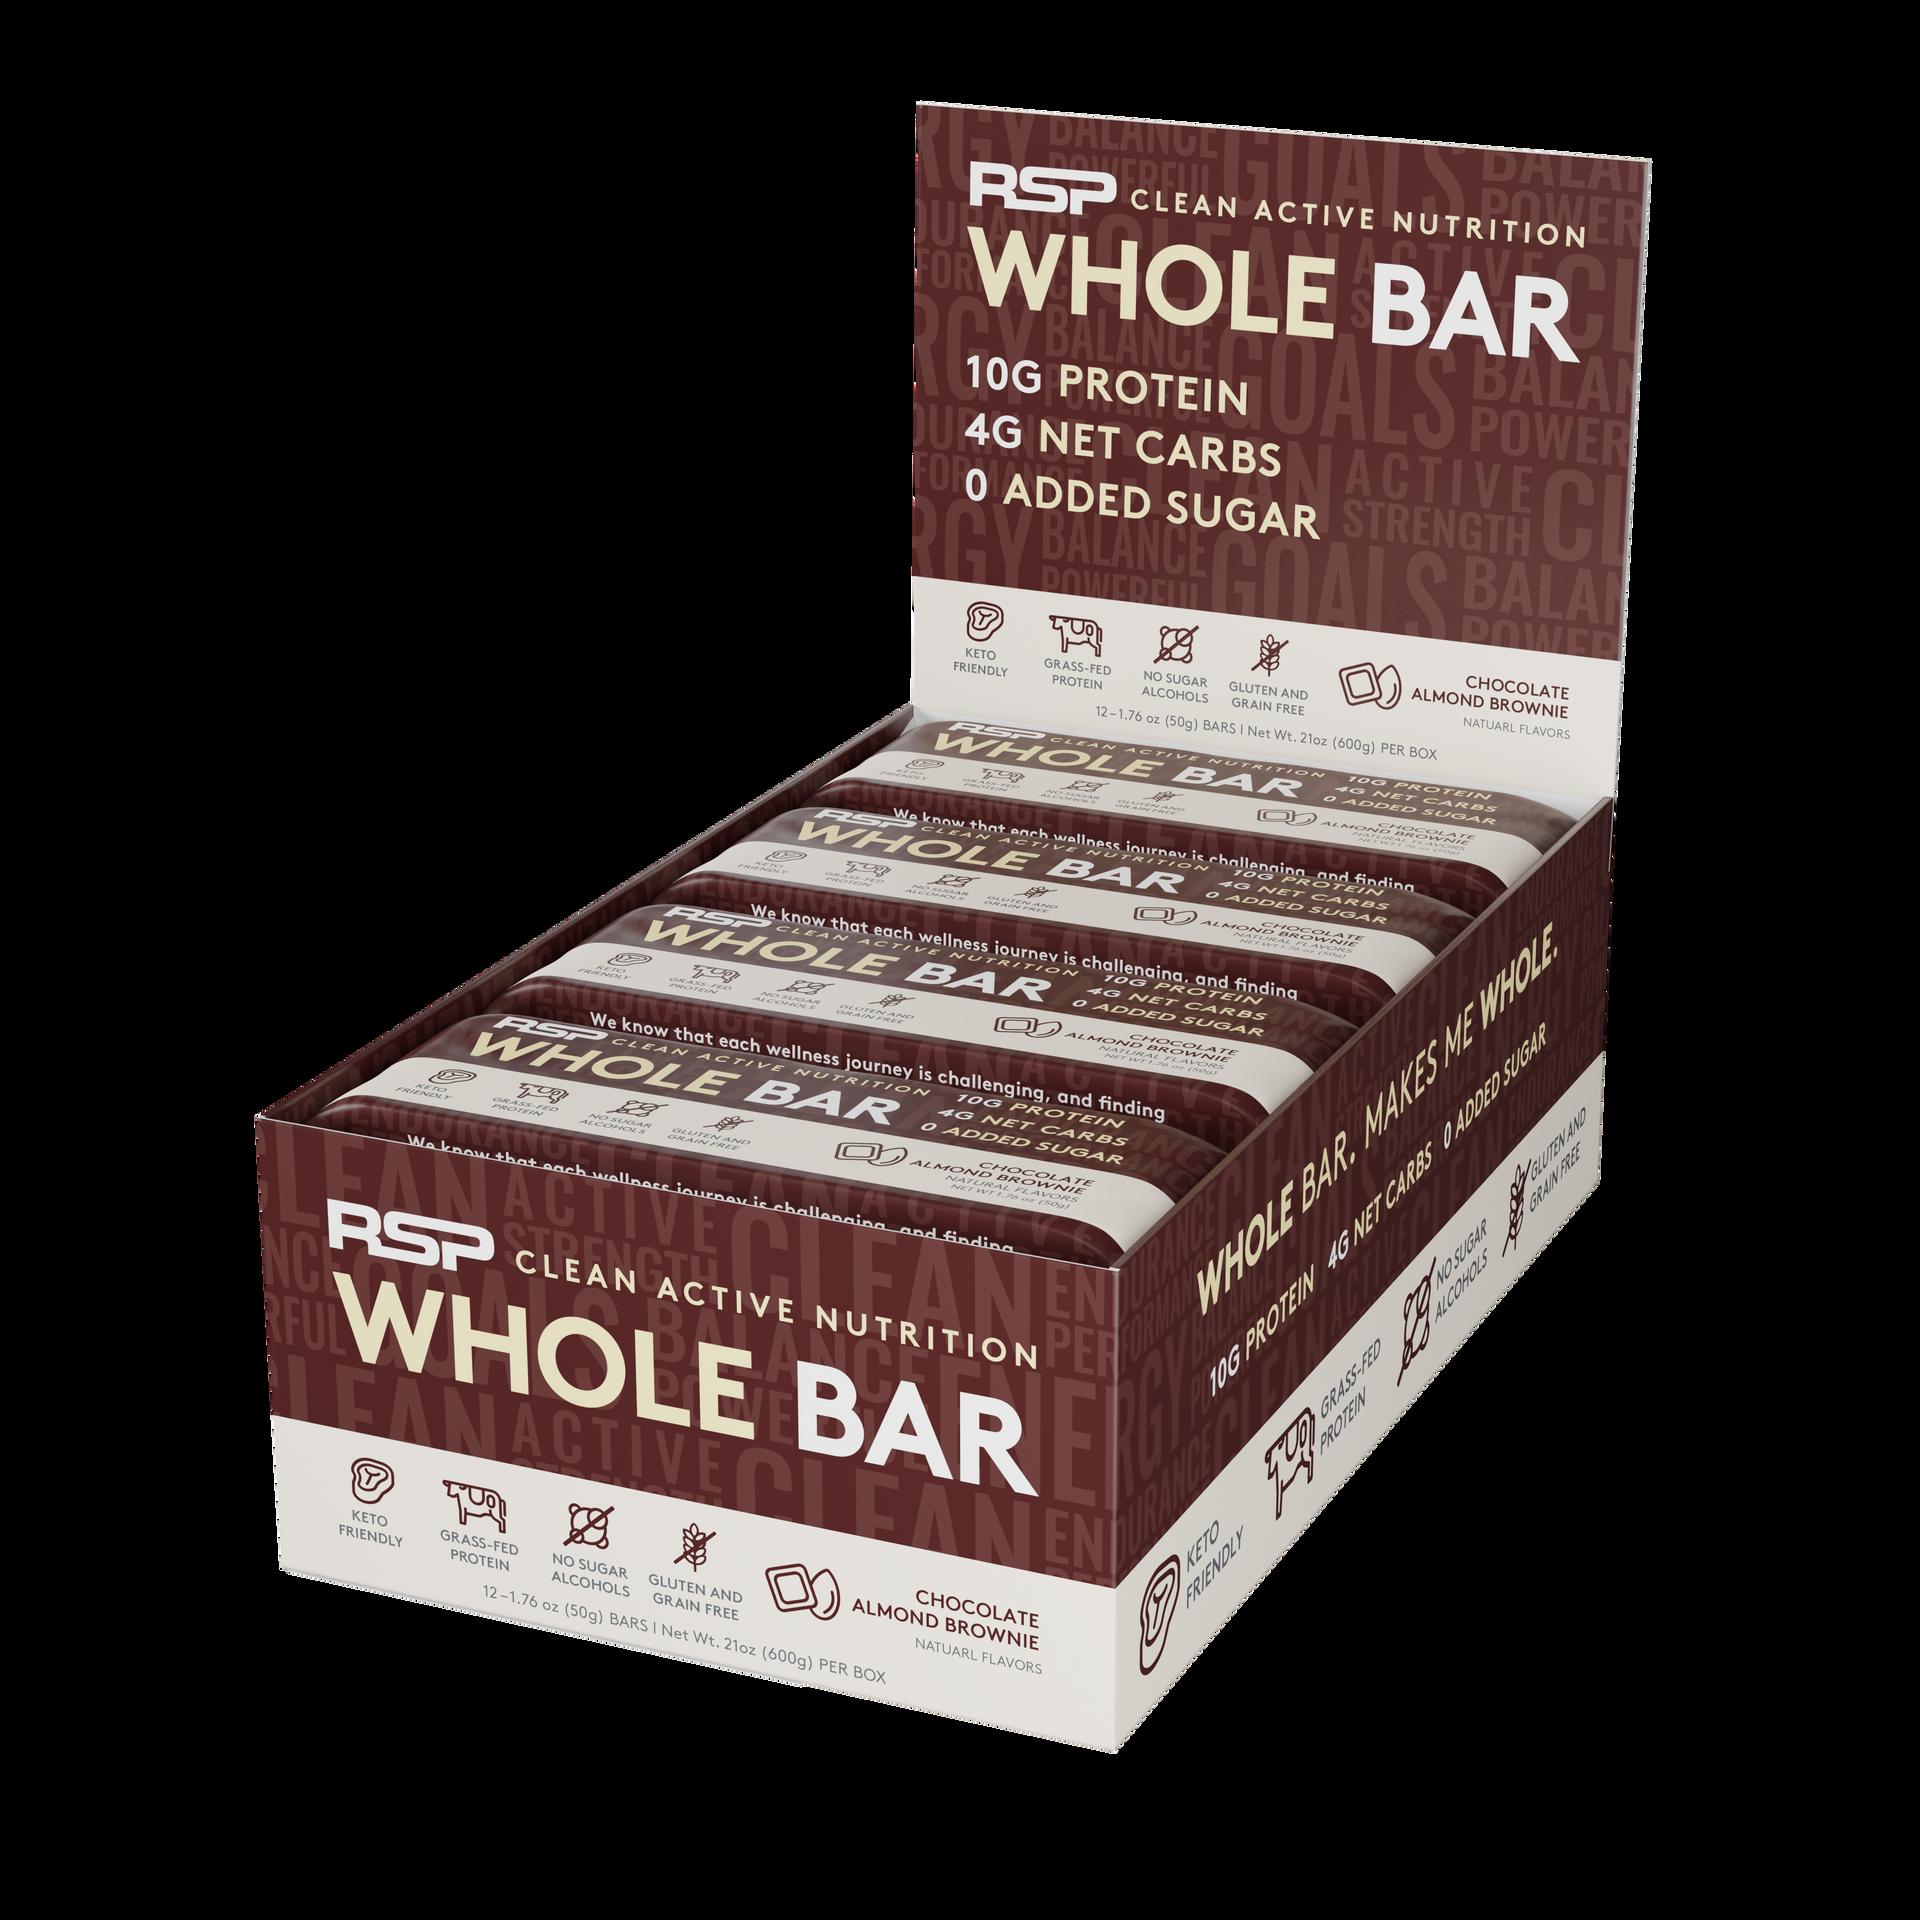 Whole Bar Box.png